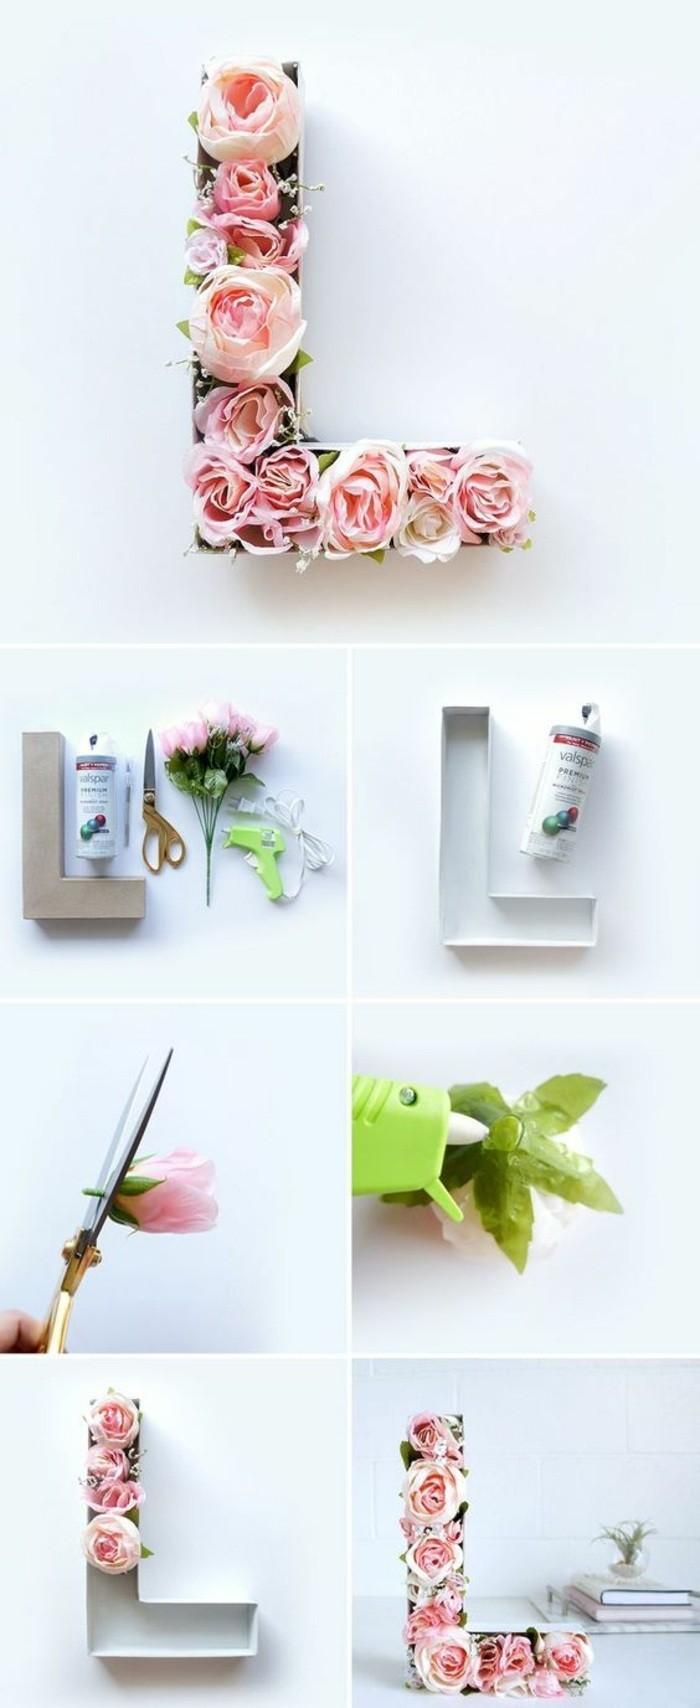 hermosas ideas de decoración de casa con flores, propuestas para decorar el hogar en primavera